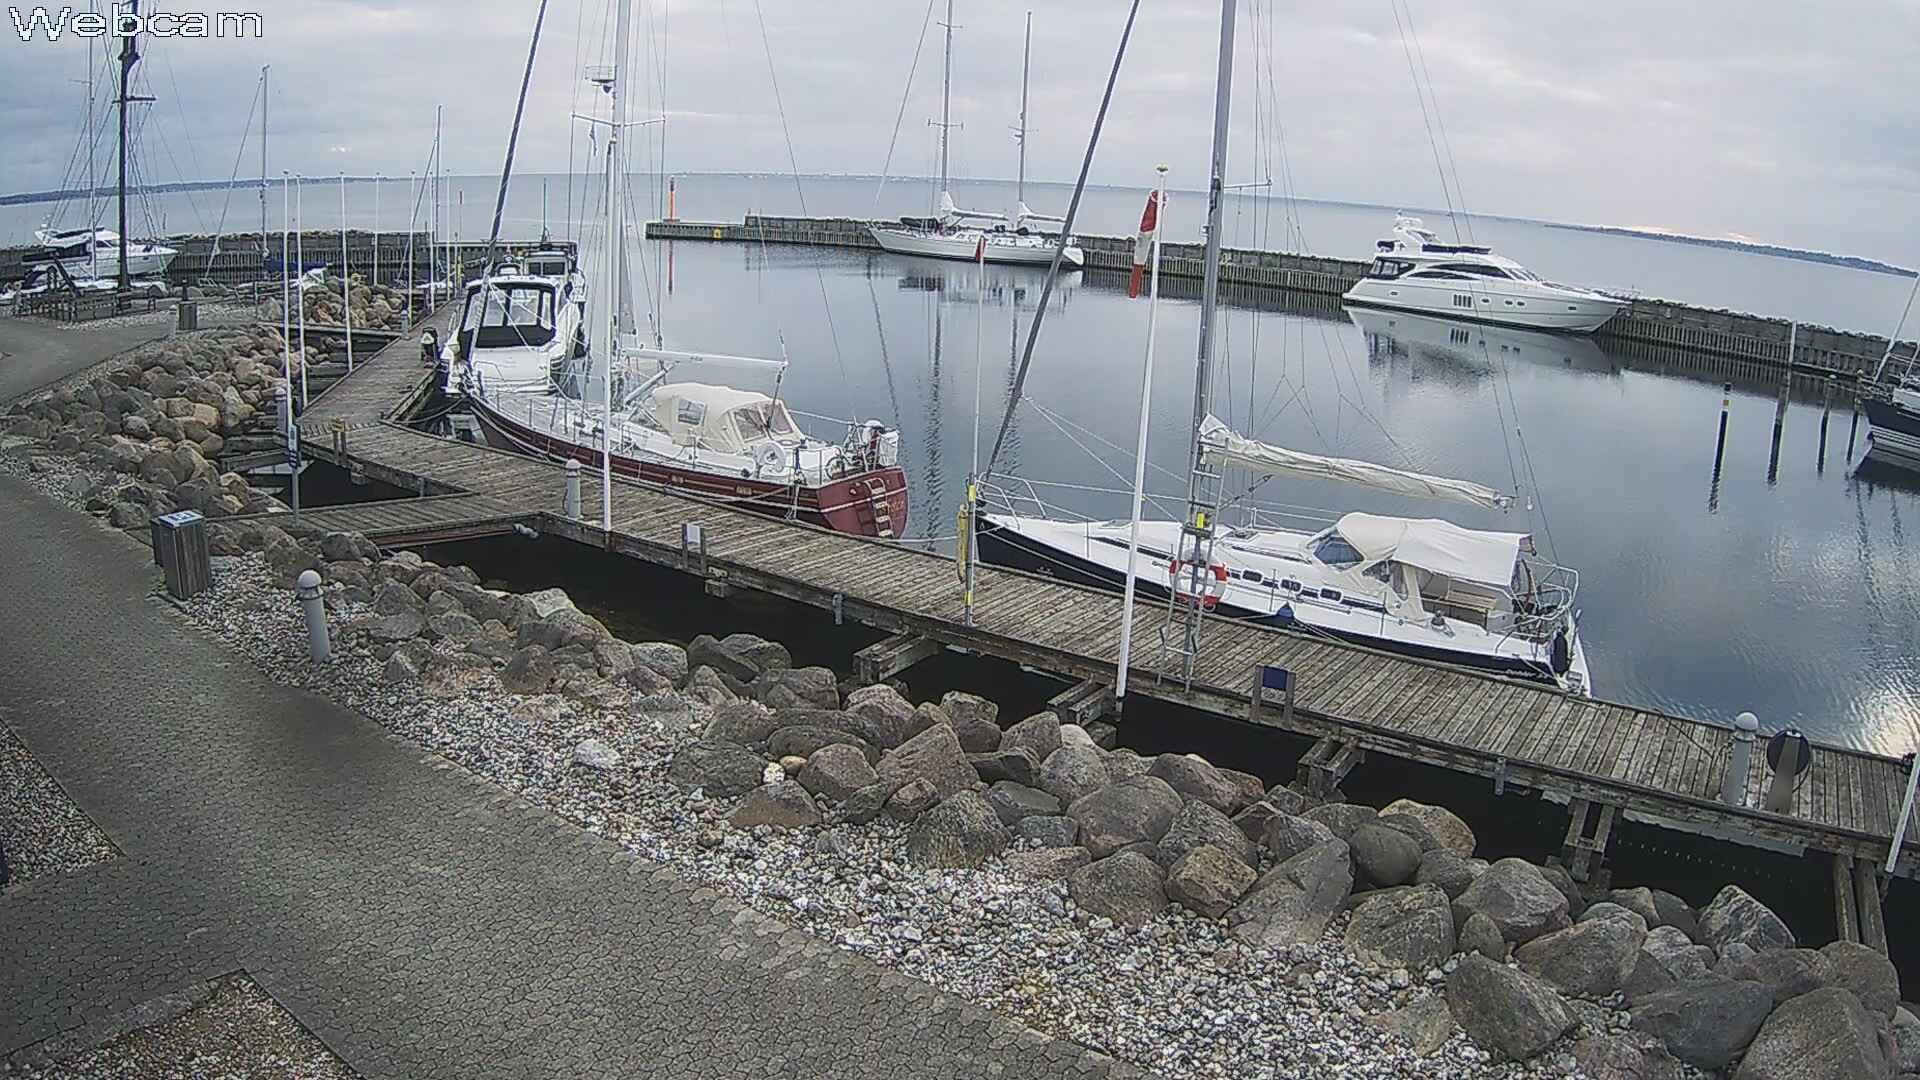 Webcam Rungsted, Hørsholm, Hovedstaden, Dänemark